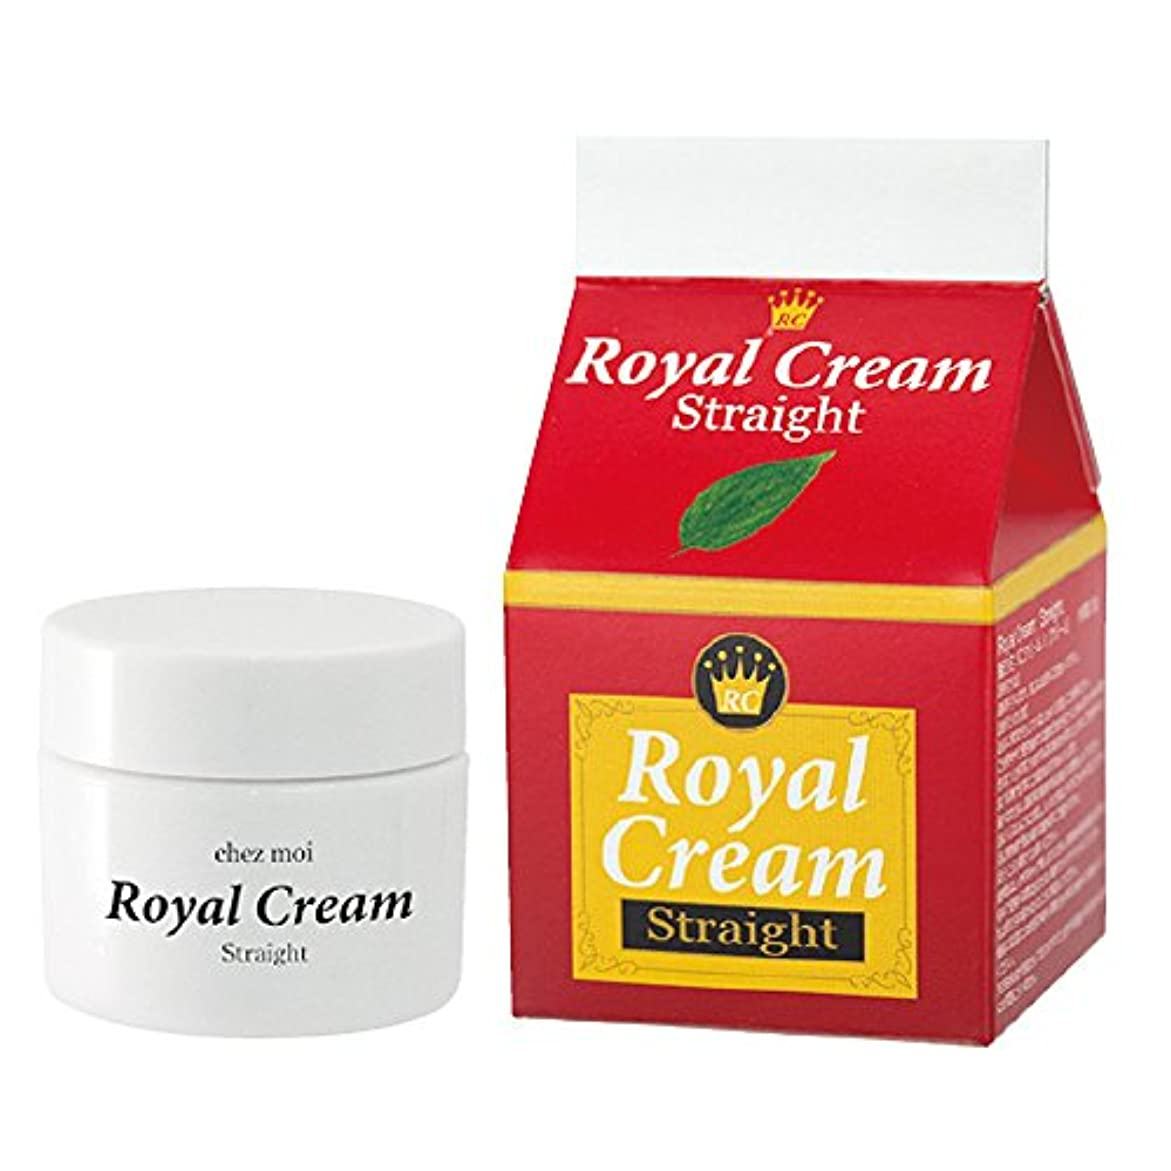 ダイヤル気楽な肺炎シェモア Royal Cream Straight(ロイヤルクリームストレート) 30g